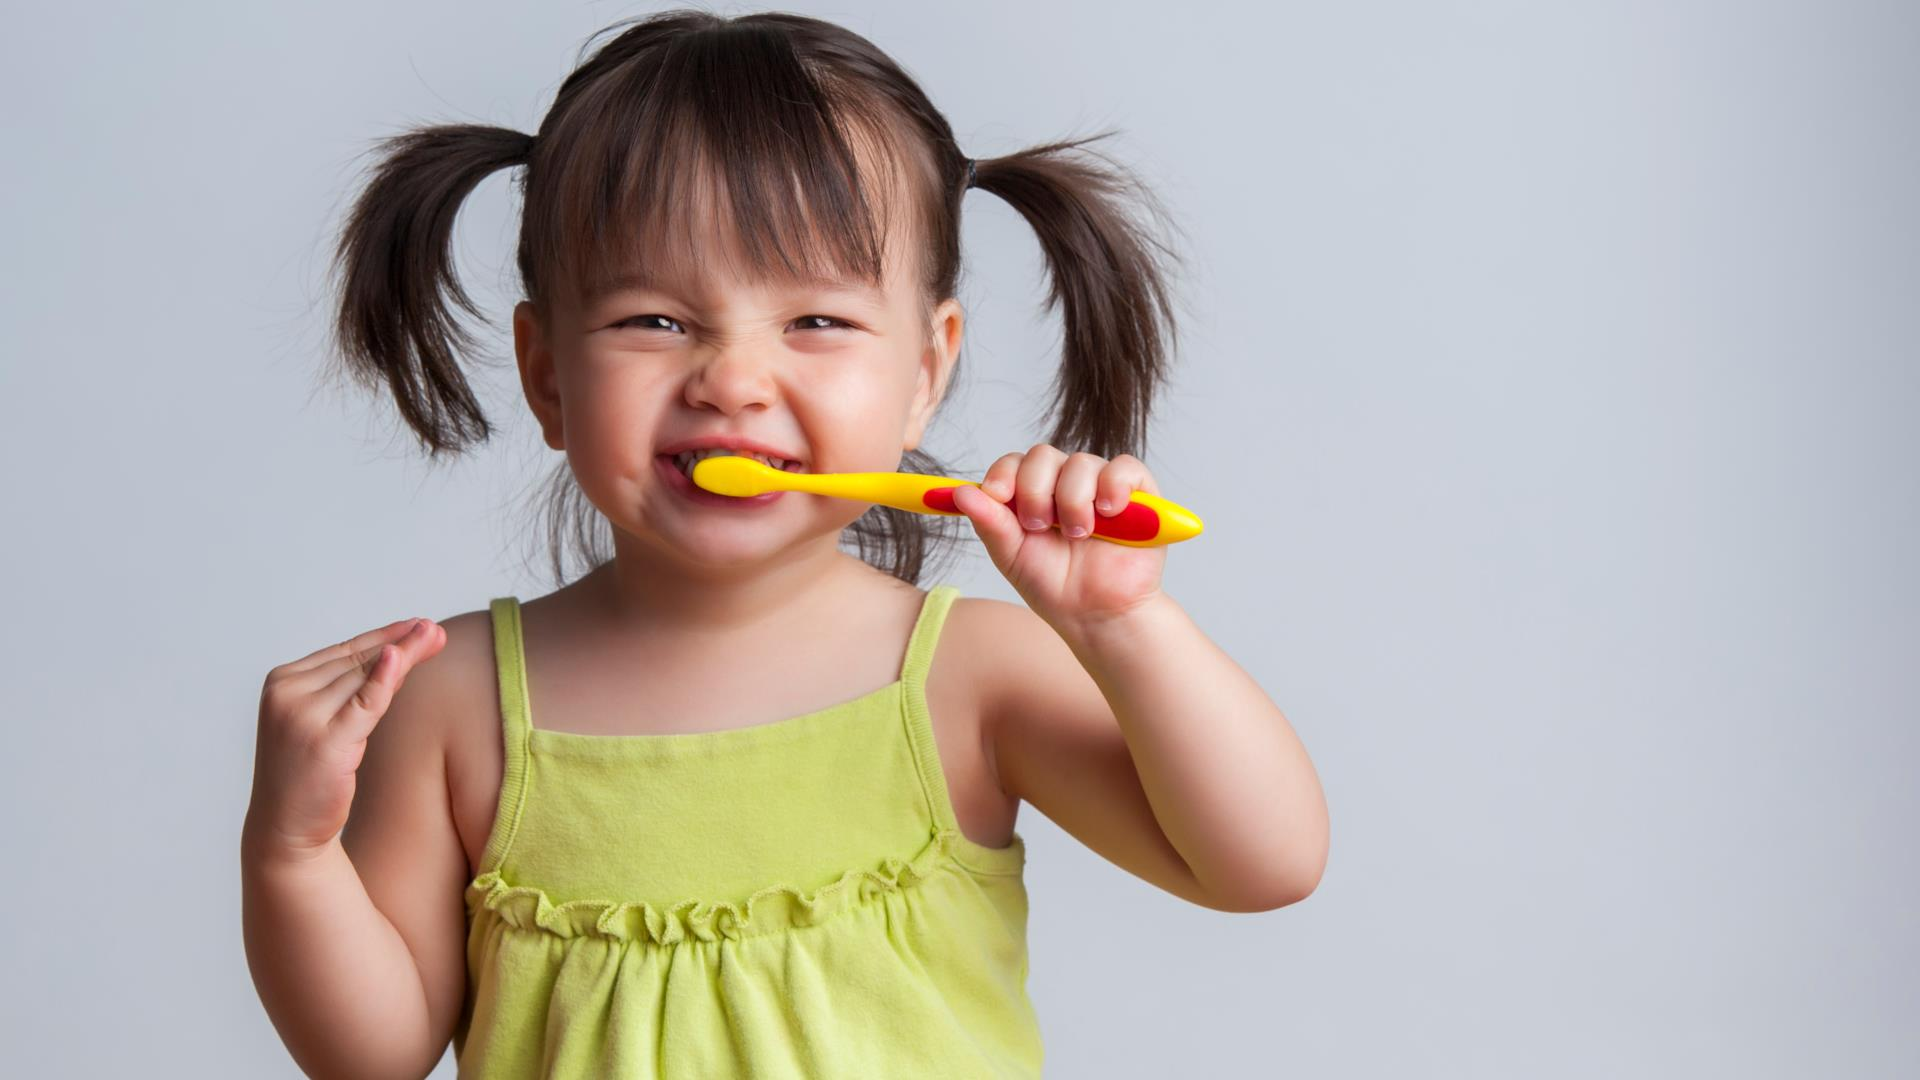 Bambino 6 Anni Non Ascolta.Come Far Lavare I Denti Ai Bambini I Consigli Di Tata Roberta